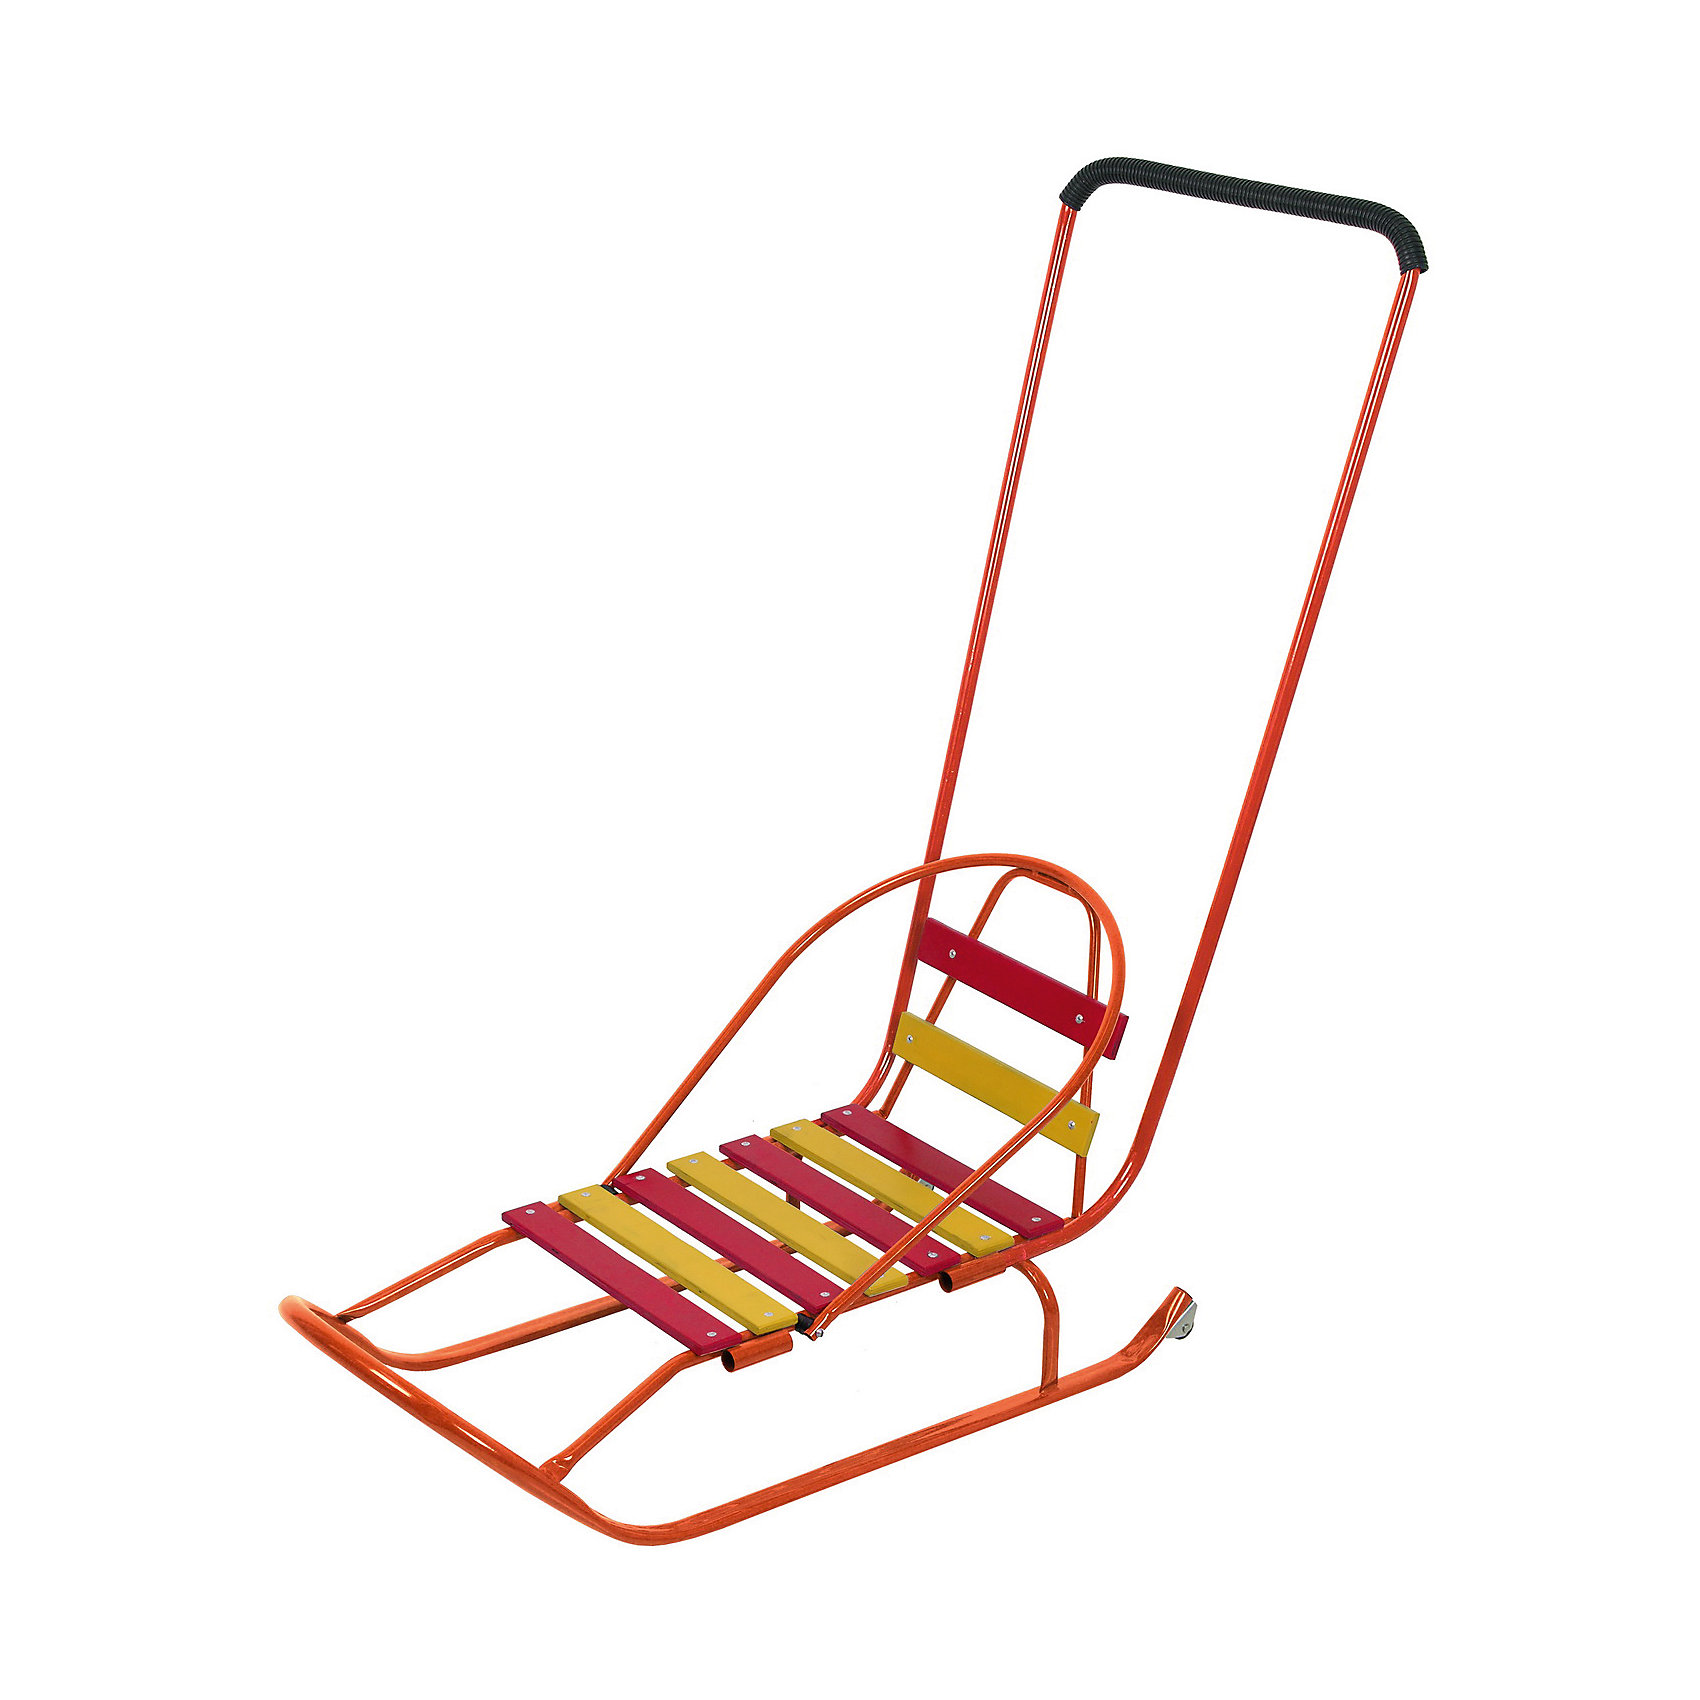 Санки Чемпион 2, оранжевыйСанки и снегокаты<br>Санки Чемпион 2, оранжевый произведены отечественным торговым брендом Фея. Санки выполнены в классическом исполнении: металлический каркас, широкие плоские полозья, которые обеспечивают удобство, безопасность и устойчивость при движении. Сидение и спинка выполнены из деревянных окрашенных реек. Сани оснащены толкателем, который устанавливается в двух положениях, и прочным шнуром. Детские санки окрашены в яркие цвета. Повышенная проходимость обеспечена за счет колесиков на краях полозьев. <br><br>Дополнительная информация:<br><br>- Предназначение: для зимних прогулок<br>- Материал: металл, дерево<br>- Пол: для мальчика/для девочки<br>- Максимальный вес: 50 кг<br>- Цвет: оранжевый, красный, желтый<br>- Размер (Д*Ш*В): 98,5*101,5*40,5 см<br>- Вес: 3 кг 700 г<br>- Особенности ухода: можно протирать влажной губкой<br><br>Подробнее:<br><br>• Для детей в возрасте: от 10 месяцев и до 24 месяцев<br>• Страна производитель: Россия<br>• Торговый бренд: Фея<br><br>Санки Чемпион 2, оранжевый можно купить в нашем интернет-магазине.<br><br>Ширина мм: 980<br>Глубина мм: 400<br>Высота мм: 1000<br>Вес г: 3700<br>Возраст от месяцев: 10<br>Возраст до месяцев: 24<br>Пол: Унисекс<br>Возраст: Детский<br>SKU: 4936383